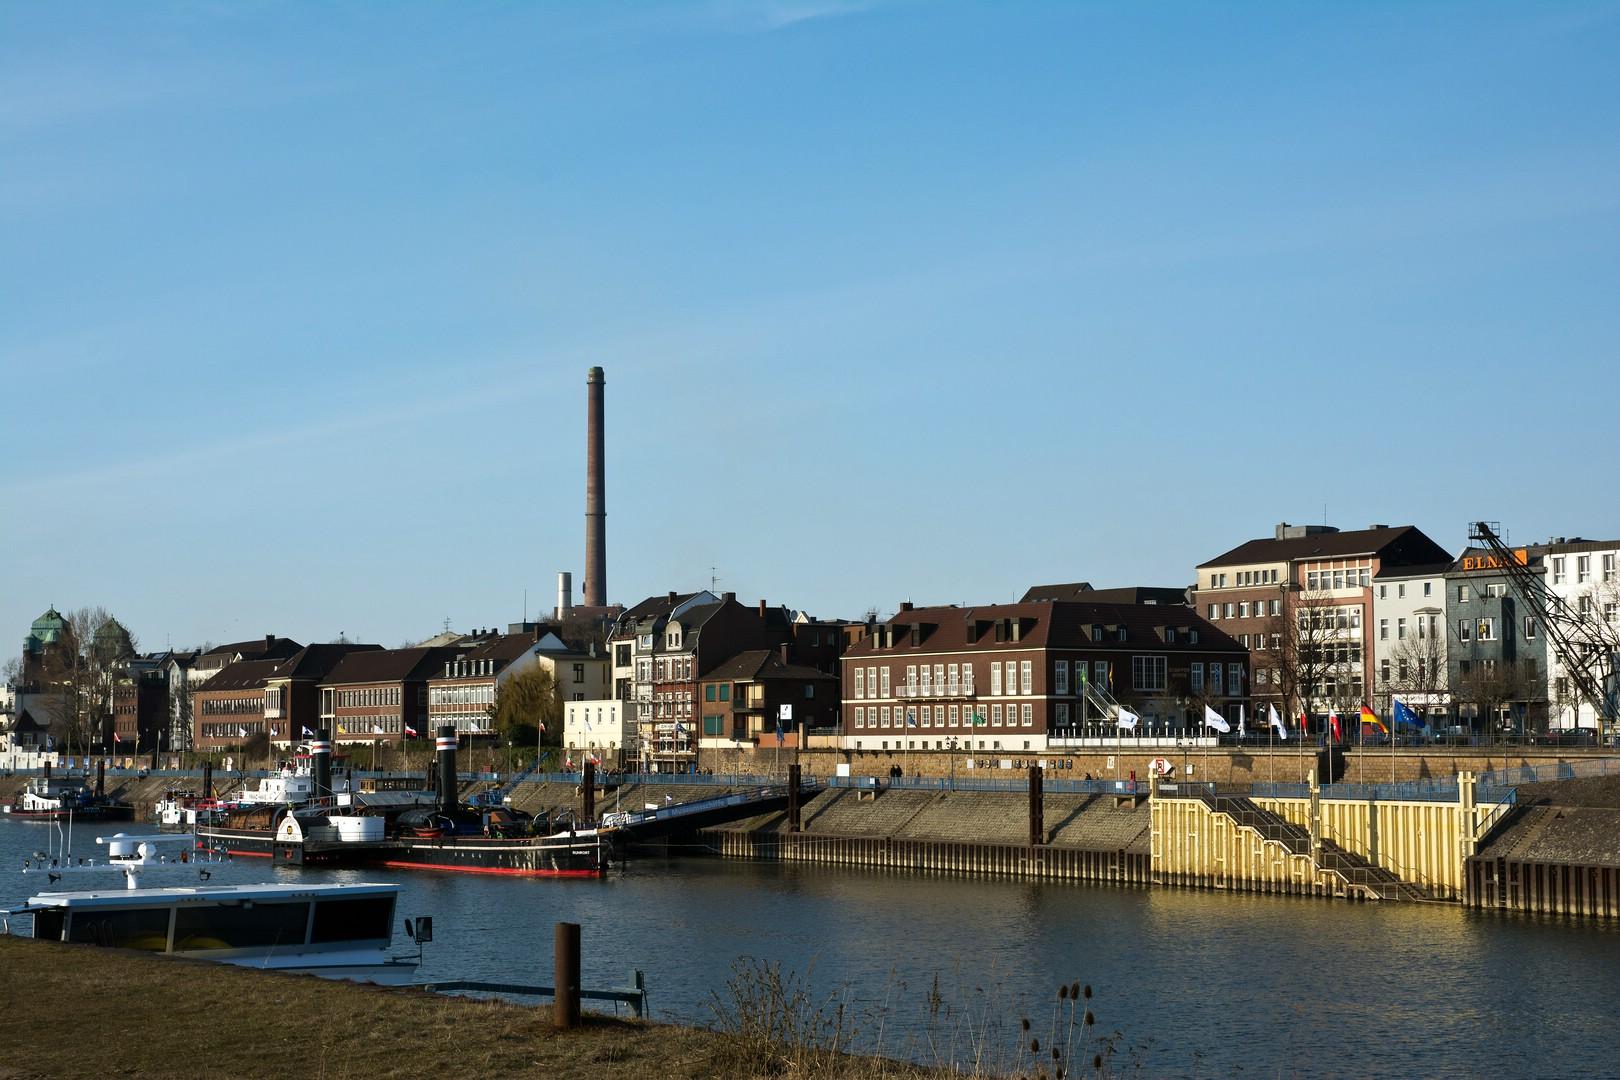 Ruhrorter Hafen, Duisburg